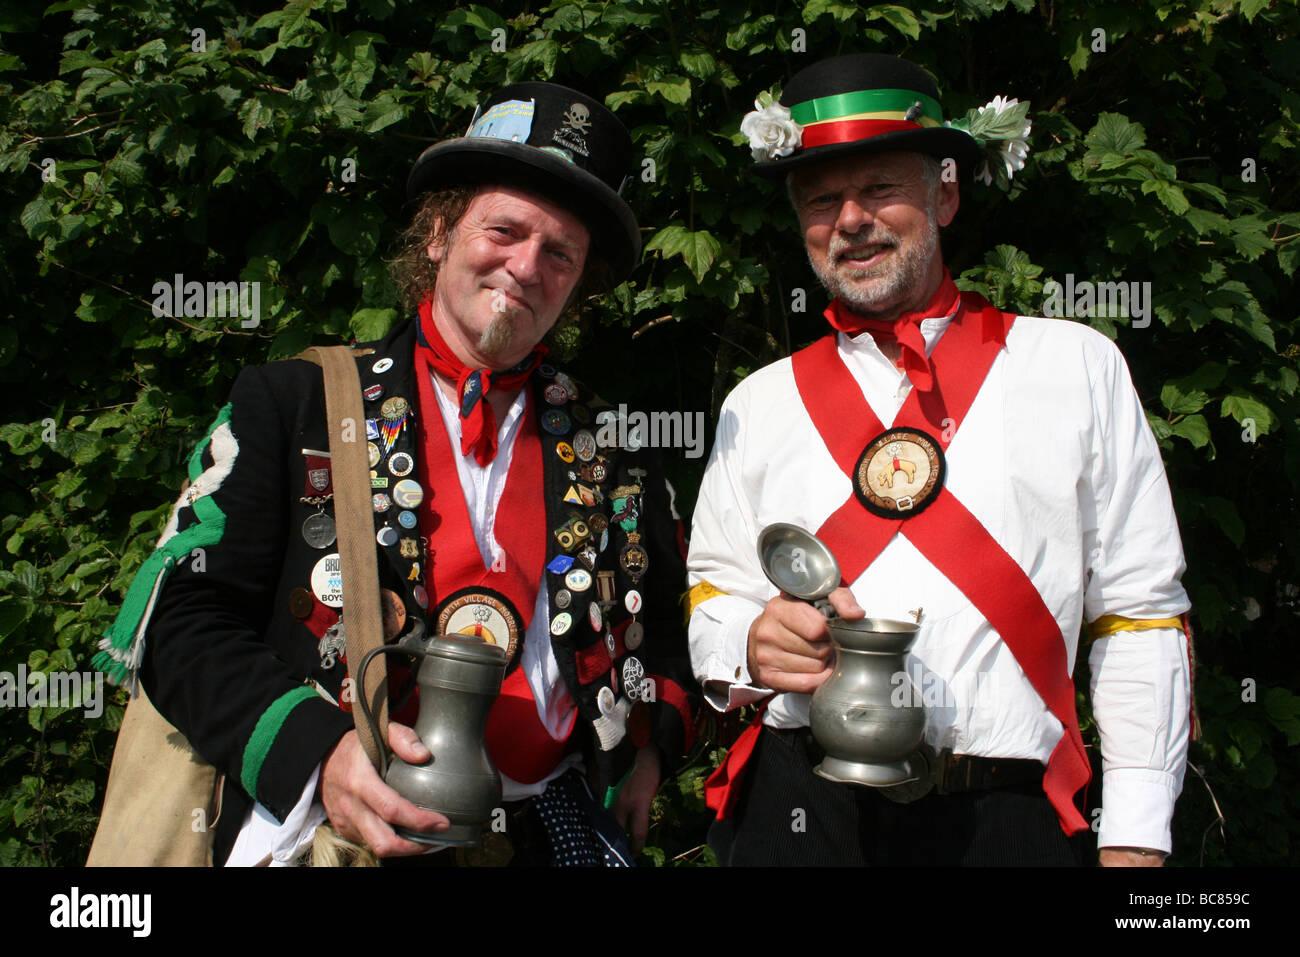 Morris Men Taken In Malham, Yorkshire, England, UK - Stock Image